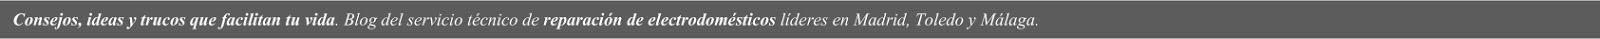 Reparacion de electrodomesticos Madrid,Toledo y Málaga - Contacto: 925147329